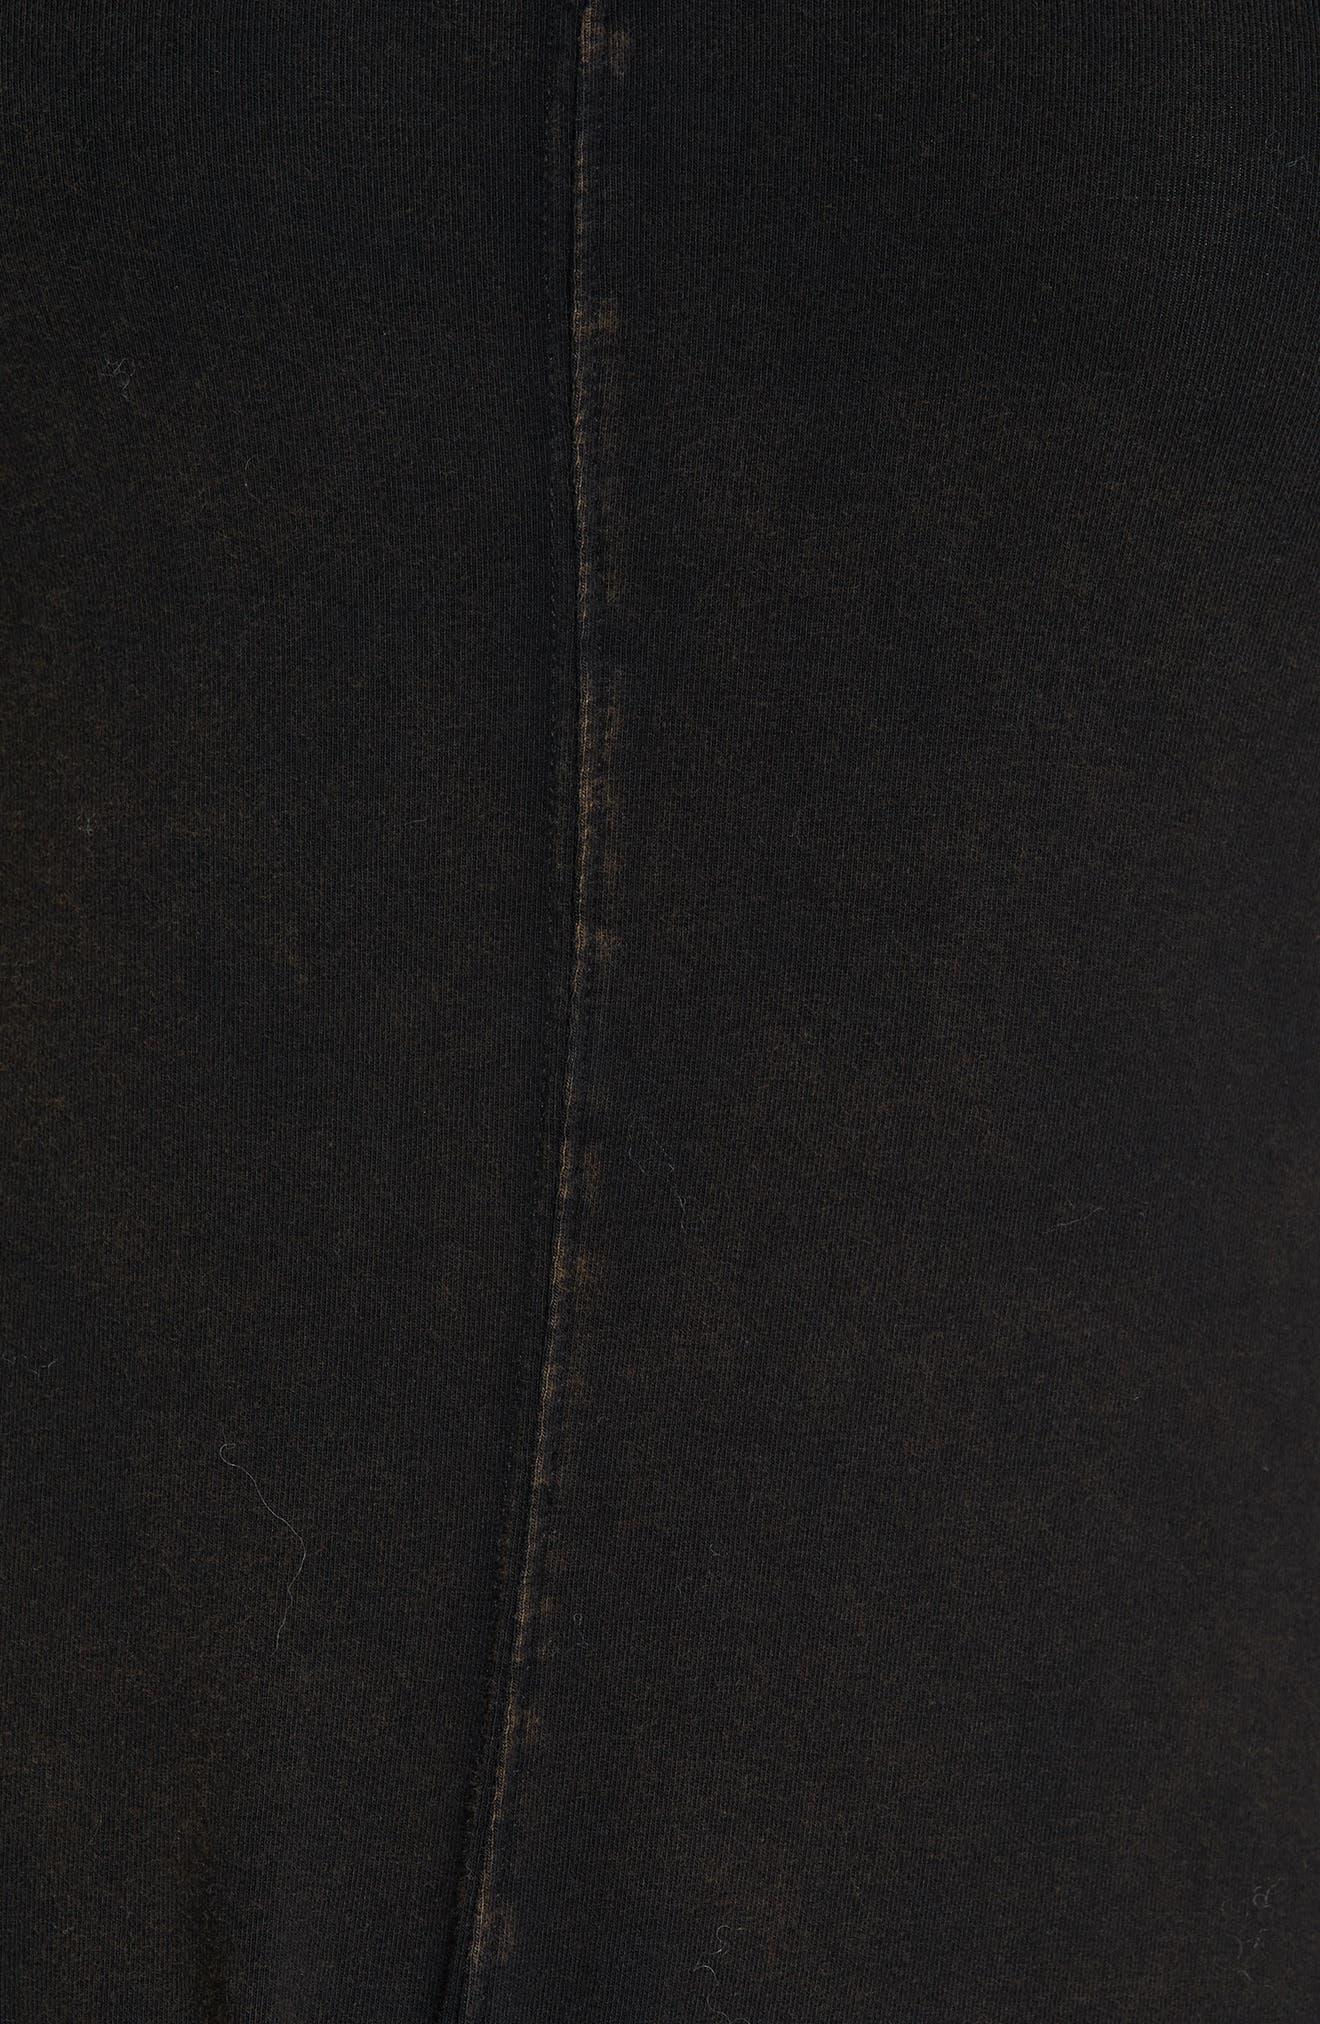 Zone Out Bodysuit,                             Alternate thumbnail 5, color,                             BLACK